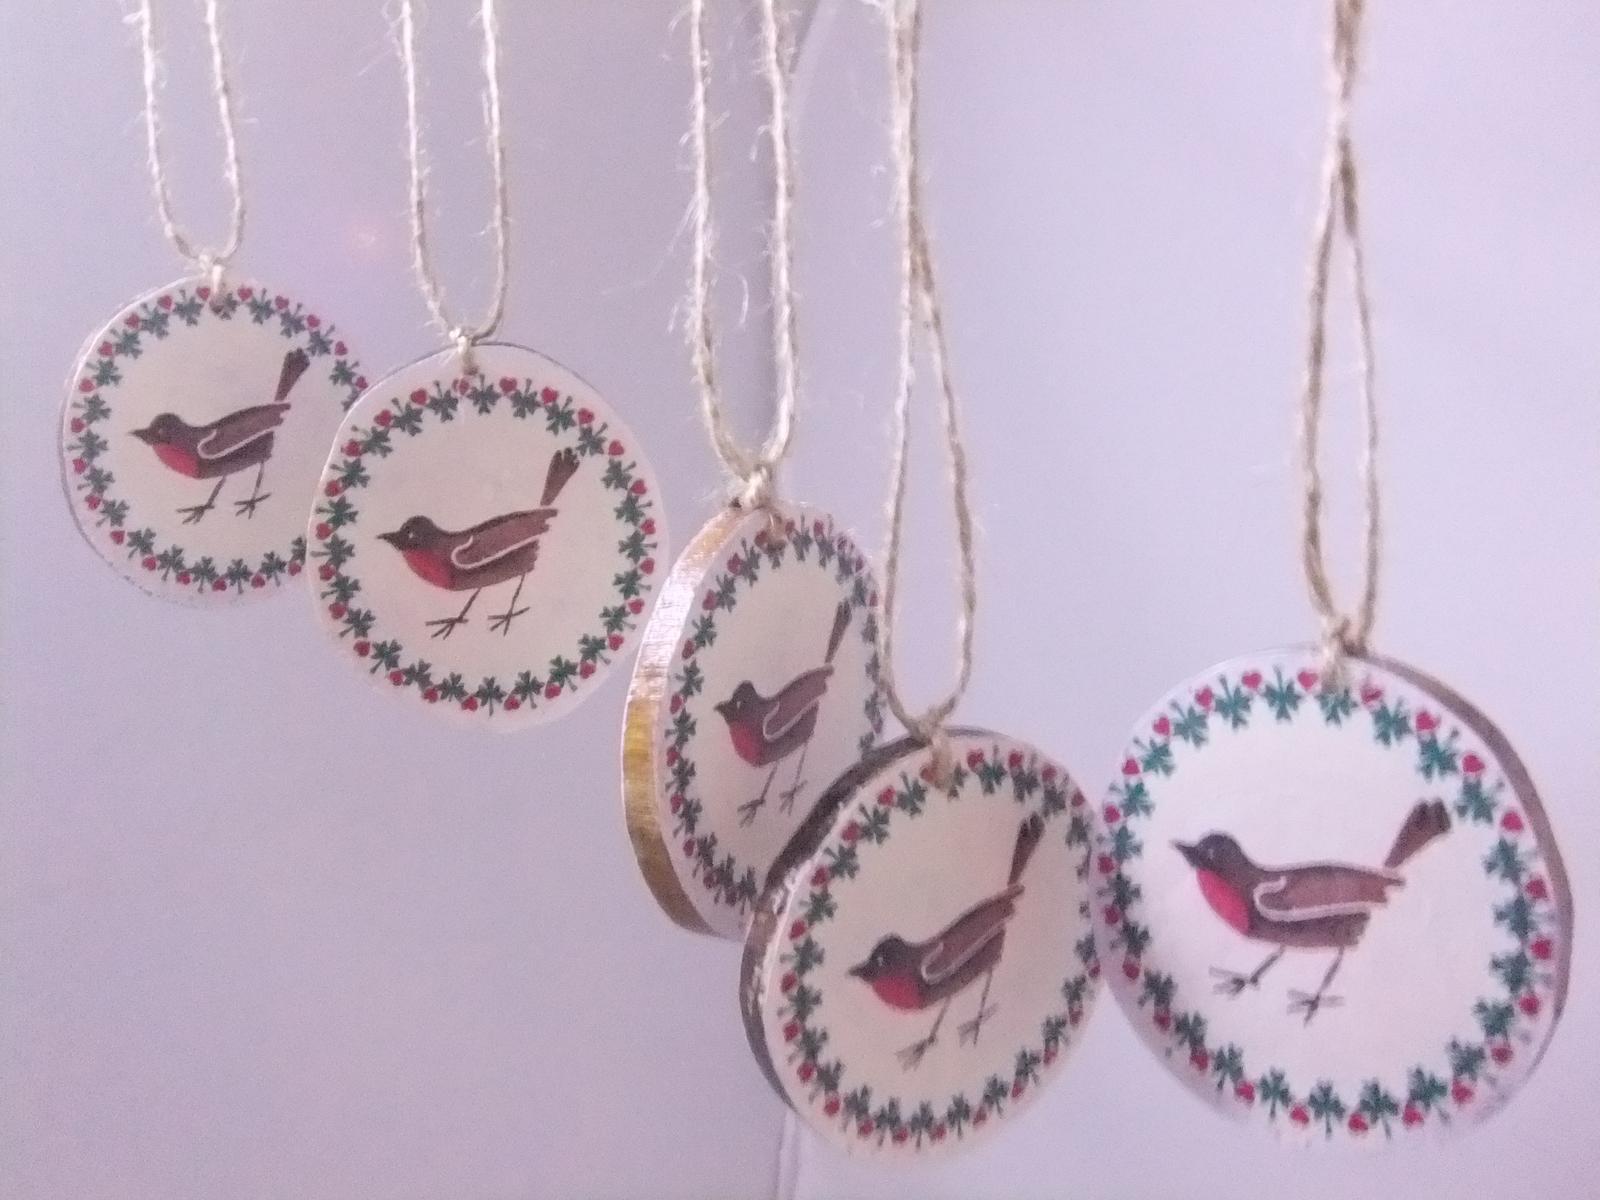 Prírodná dekorácia vtáčiky,sada 5ks s poštou - Obrázok č. 1